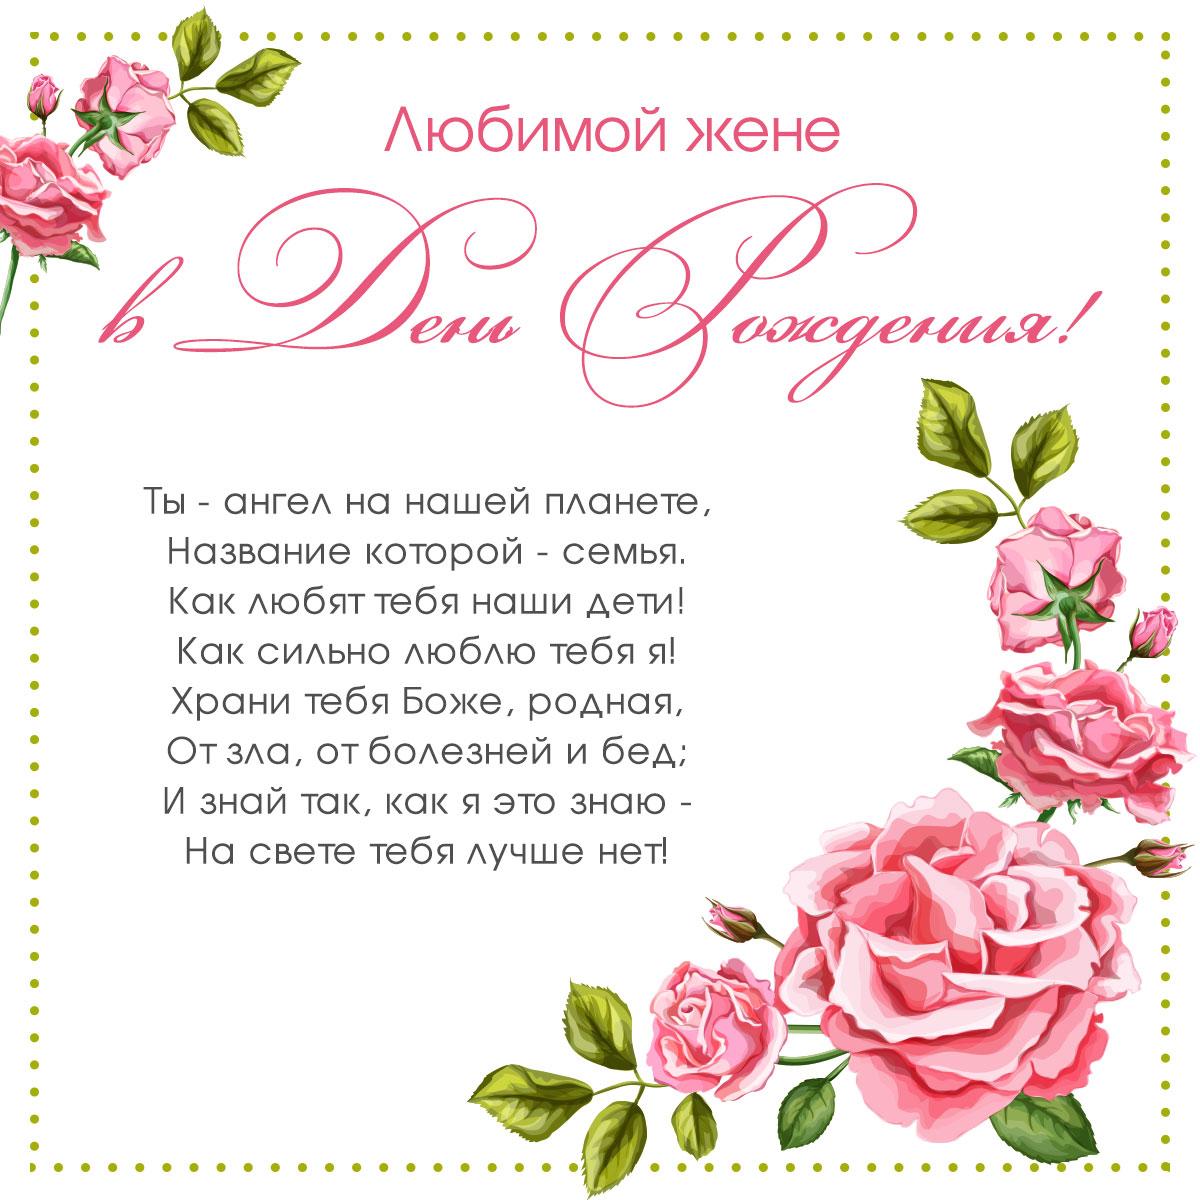 Картинка с текстом поздравления любимой жене с розовыми бутонами.